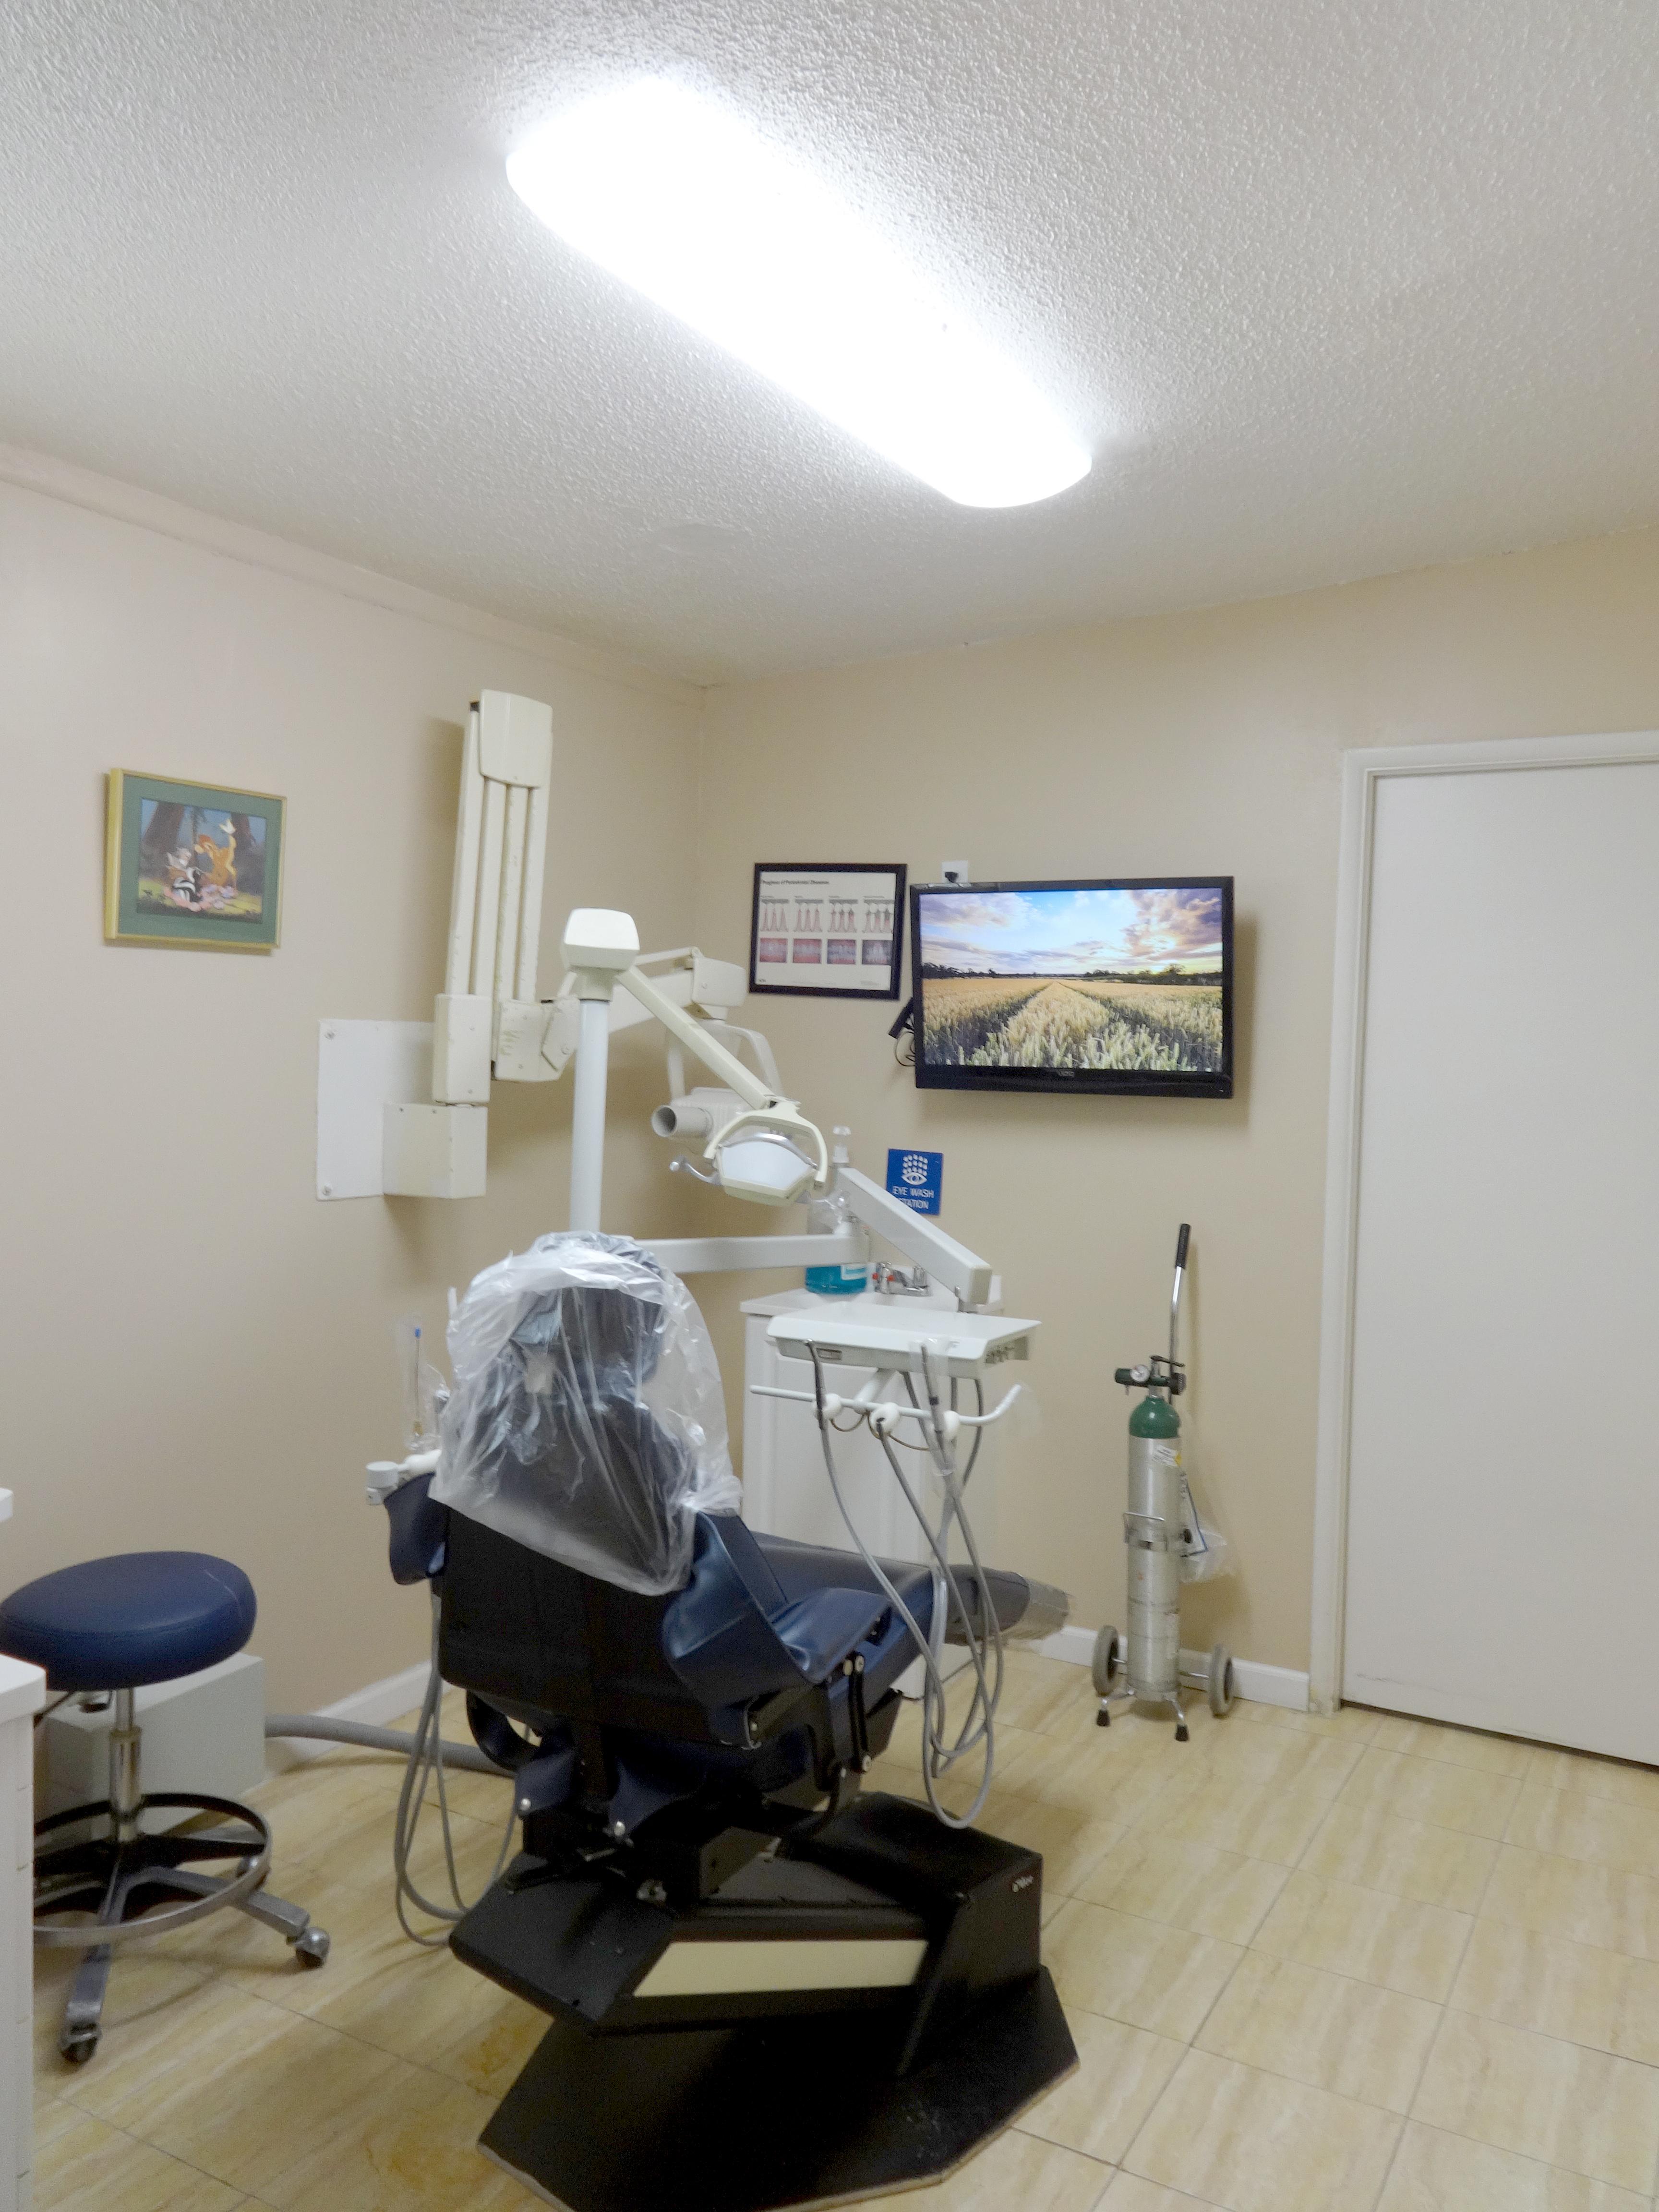 dentalroom1